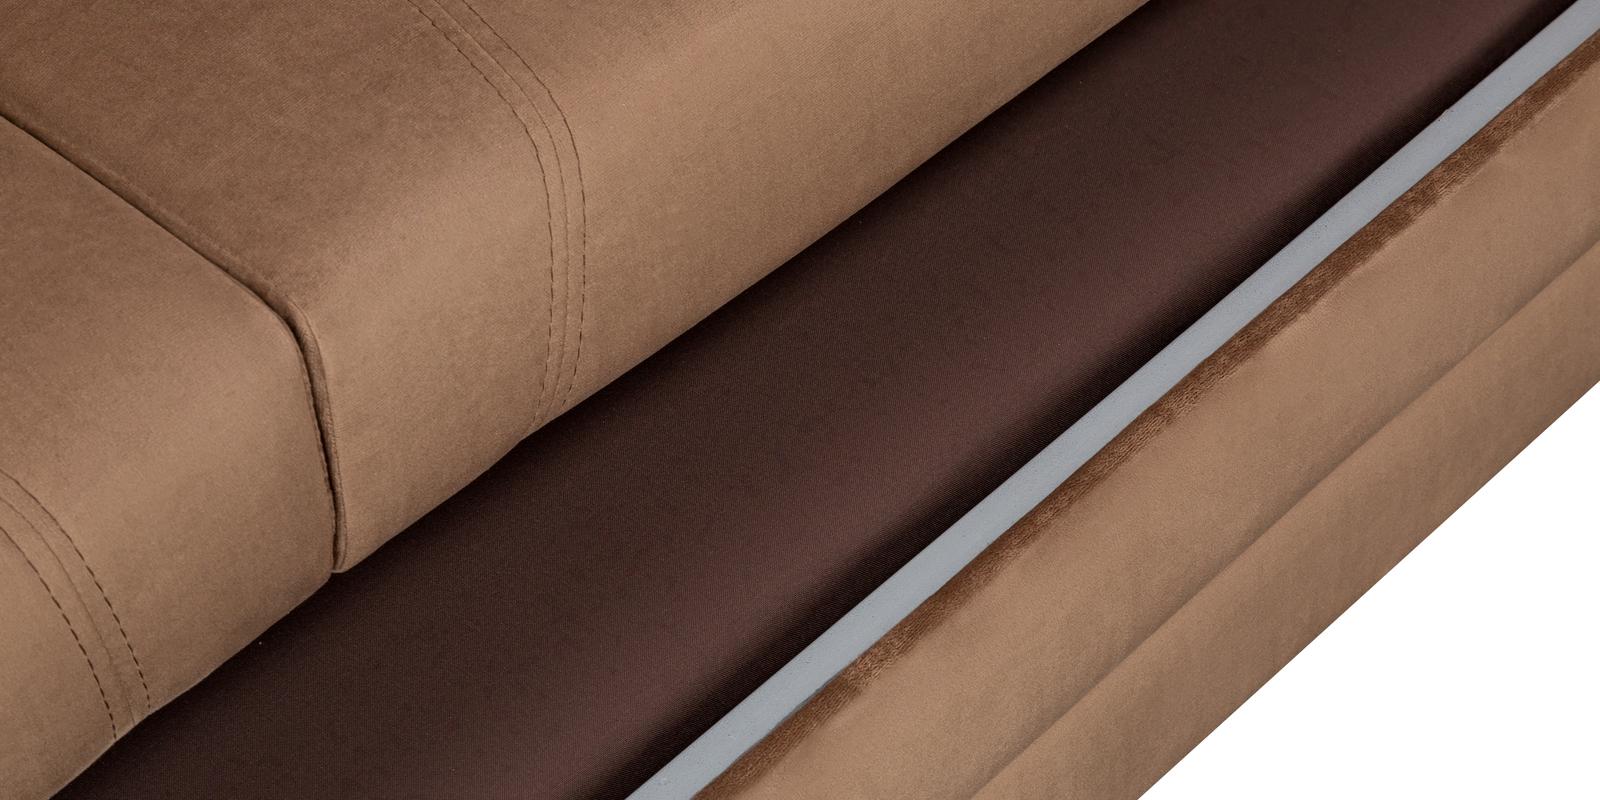 Диван тканевый угловой Бристоль Velure коричневый (Велюр, правый)